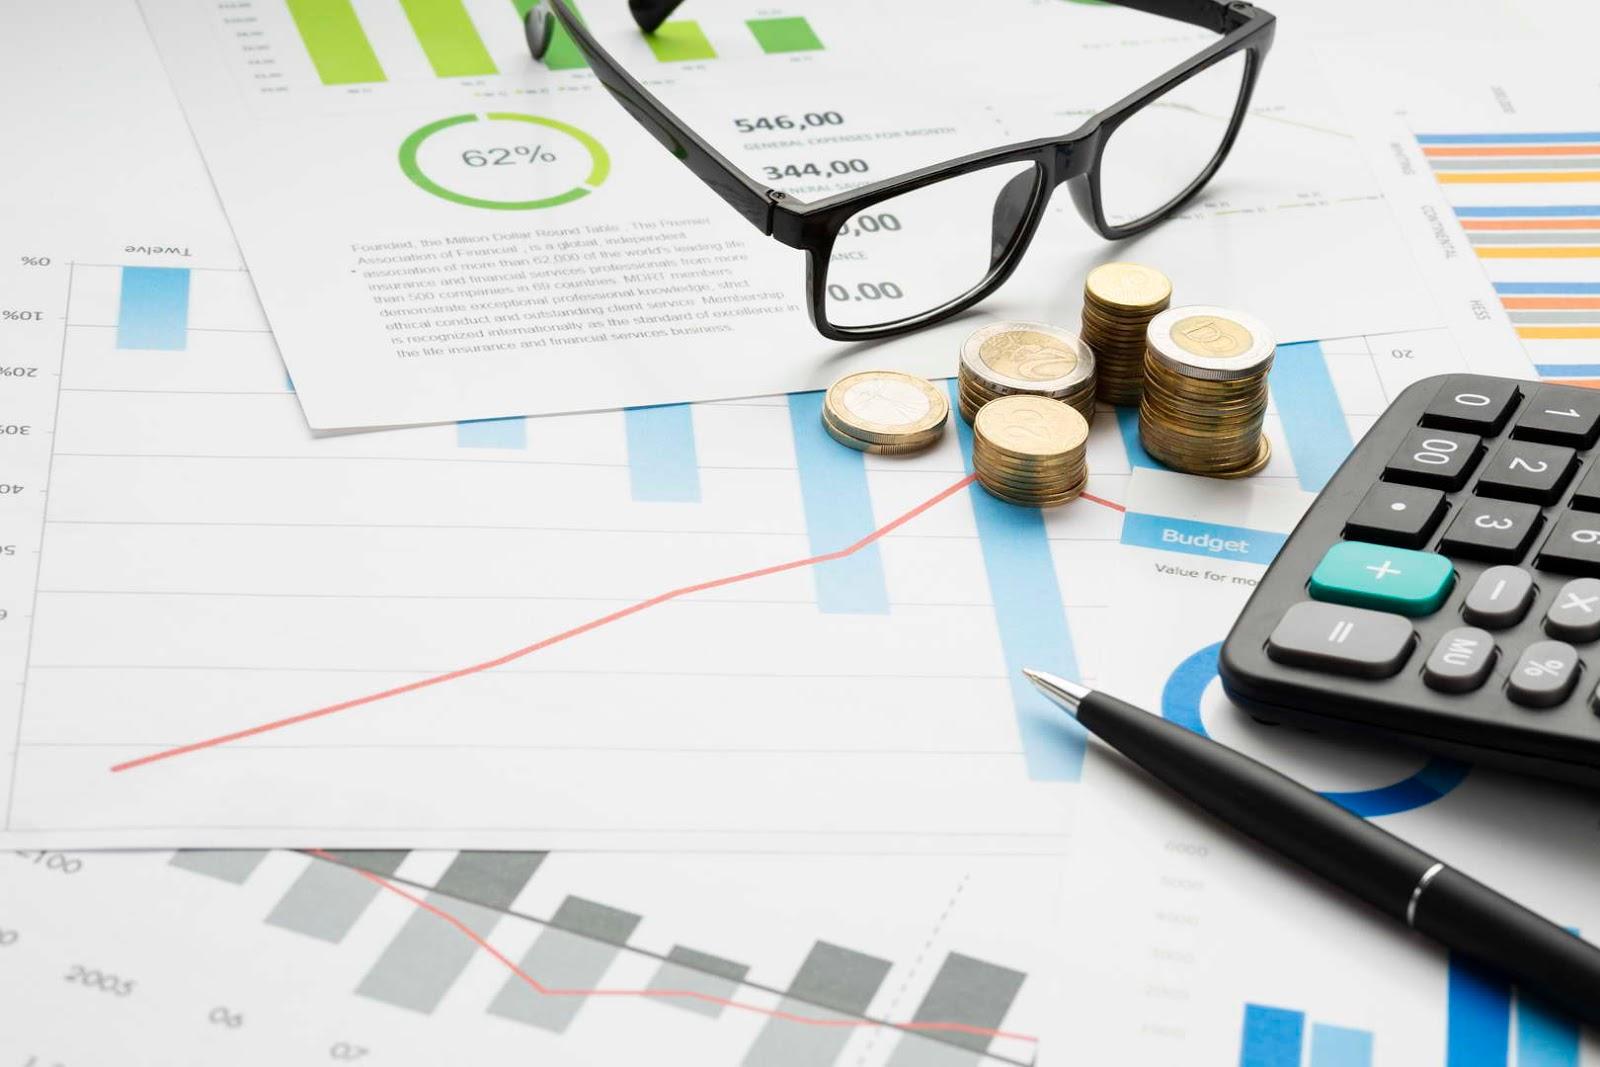 Aluvión de fondos: Chubut recibió en junio $ 4.878 millones, un 65,5% más que en el mismo mes del 2020